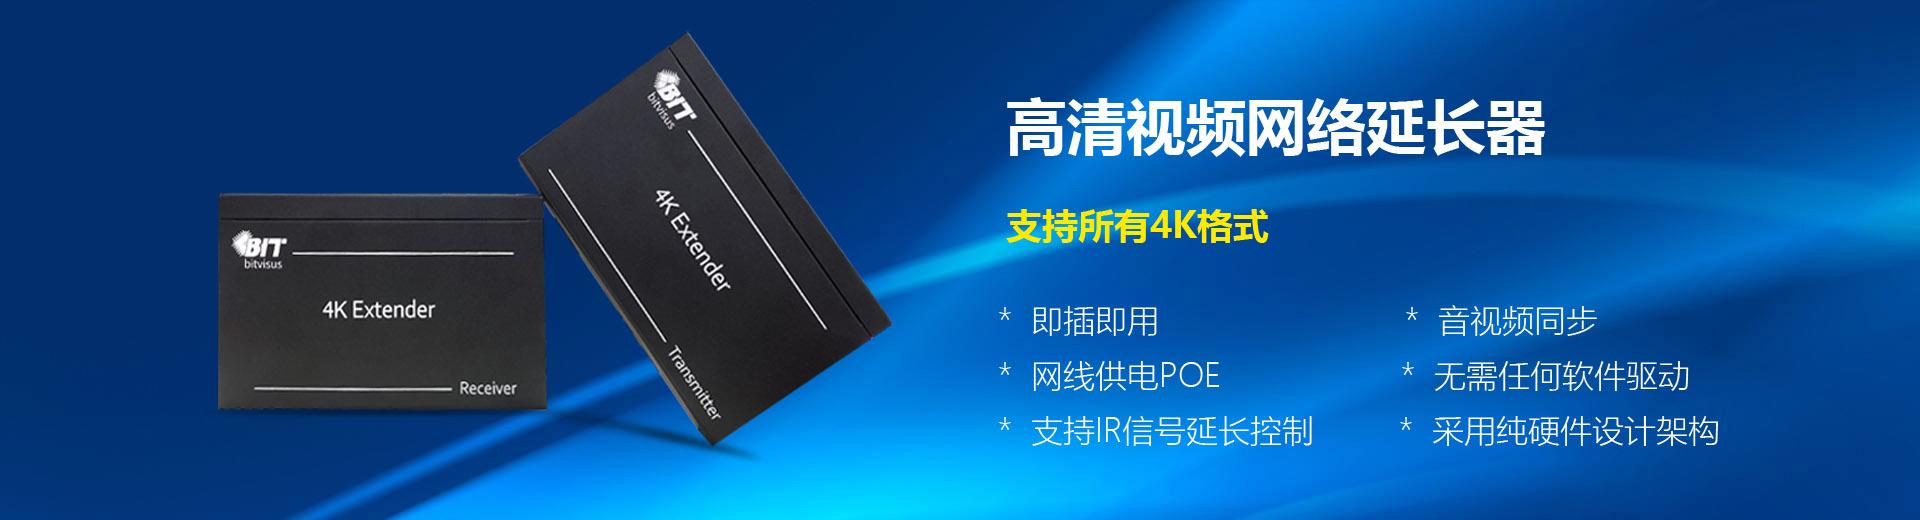 深圳市比特视讯有限公司|视频图像处理产品-网站